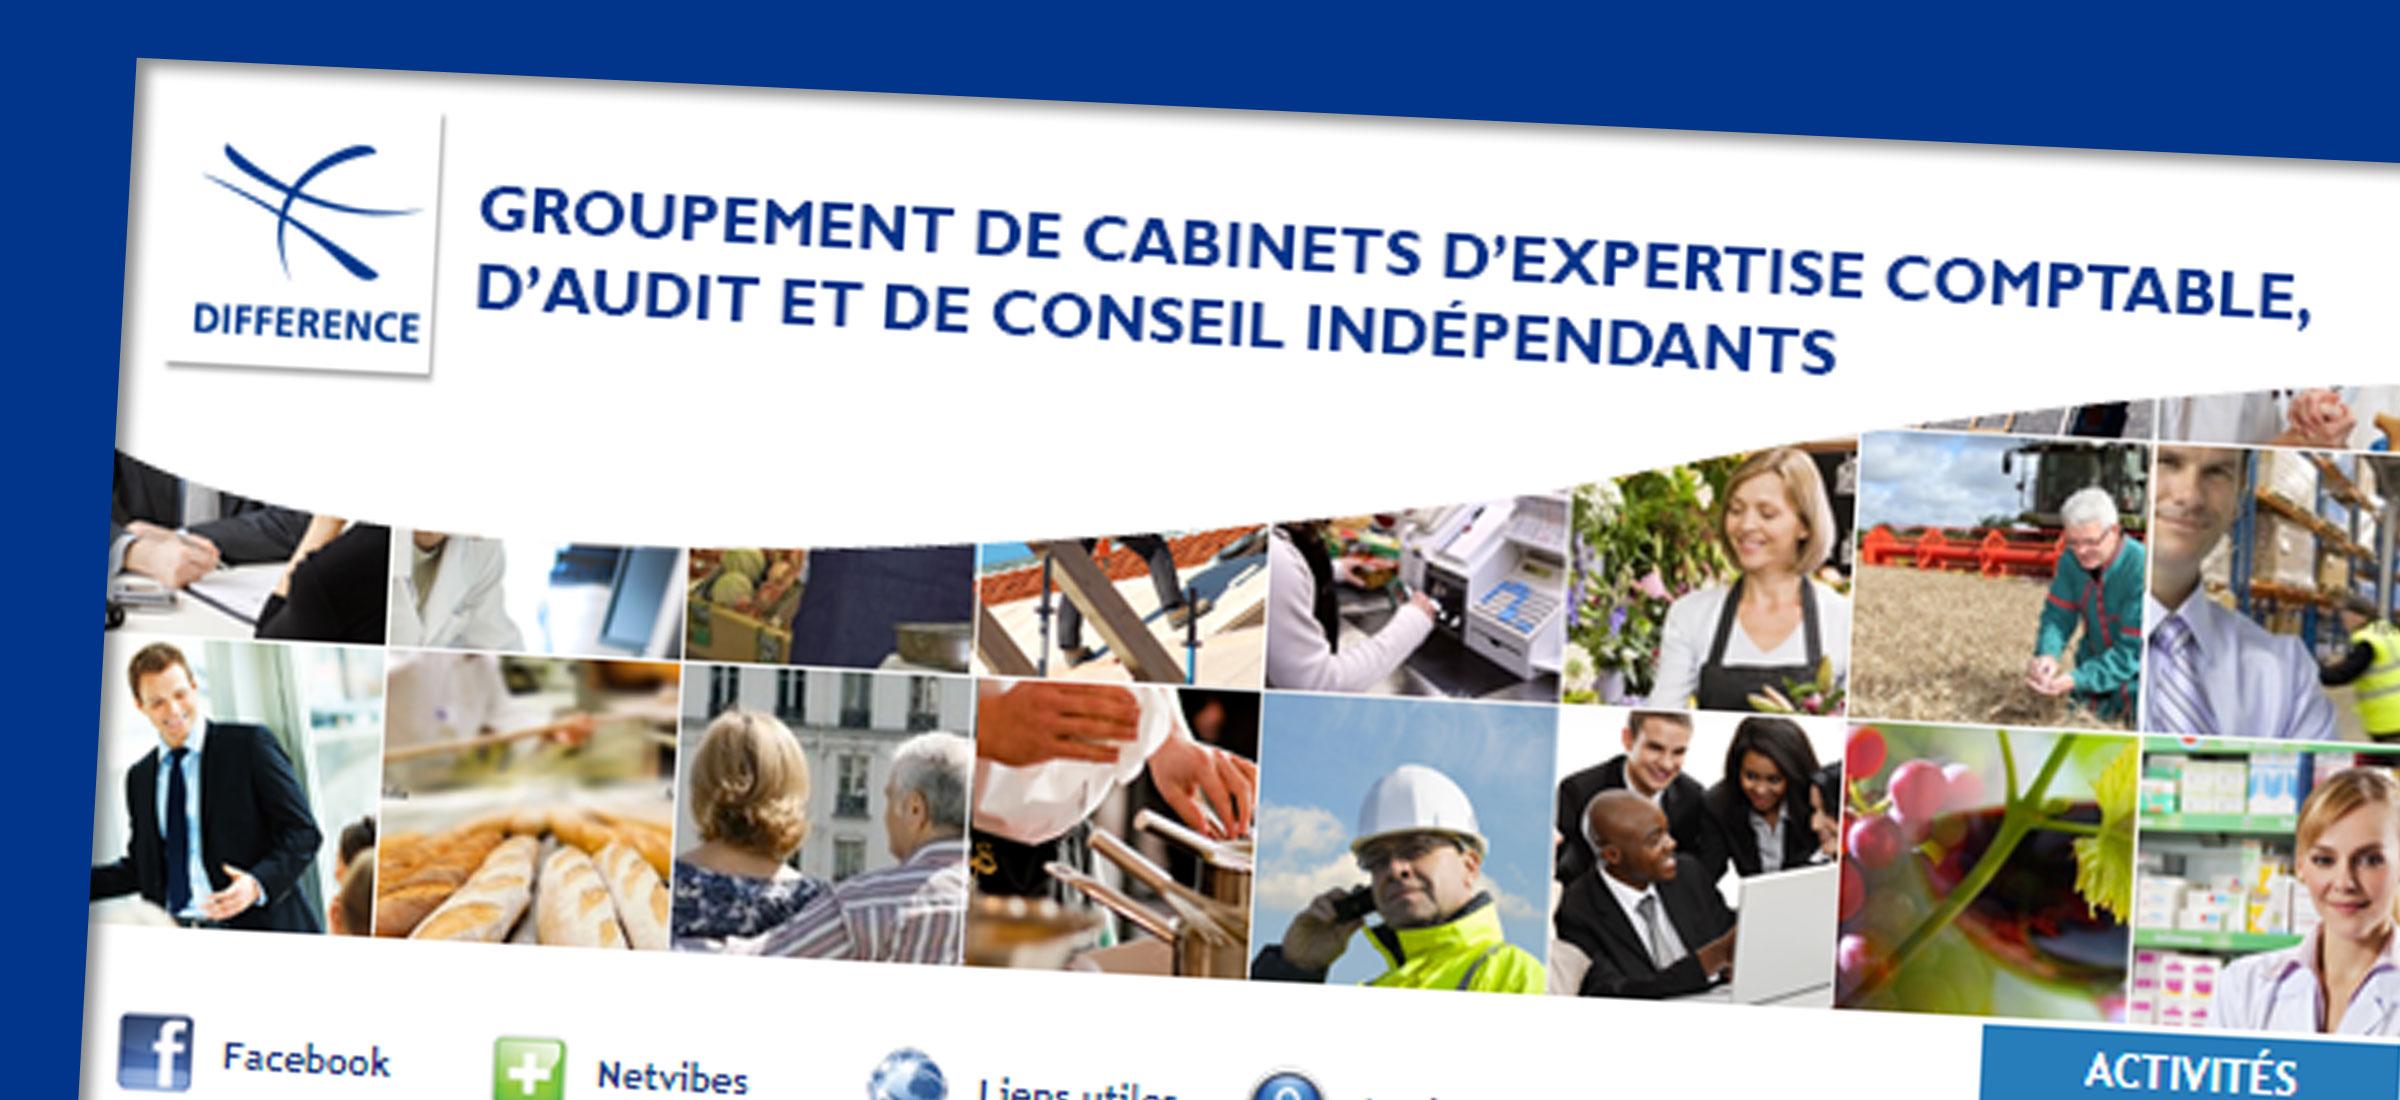 cabinet expert comptable bordeaux affordable audit paris fiduciaire yadan lieusaint cabinet. Black Bedroom Furniture Sets. Home Design Ideas